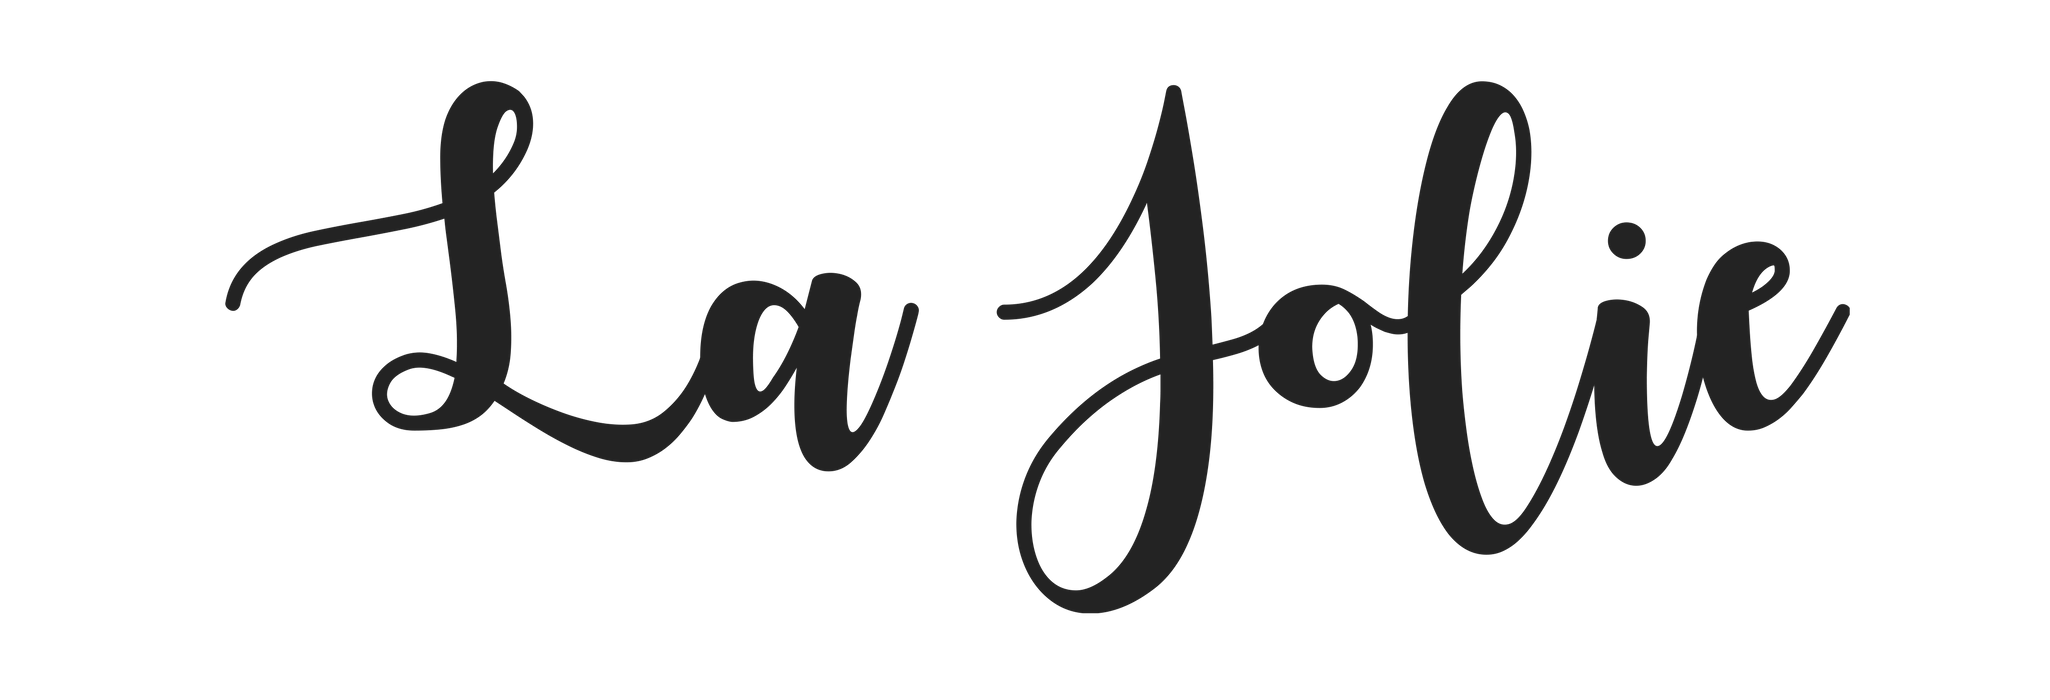 la-jolie-logo-st-paul-salon.png